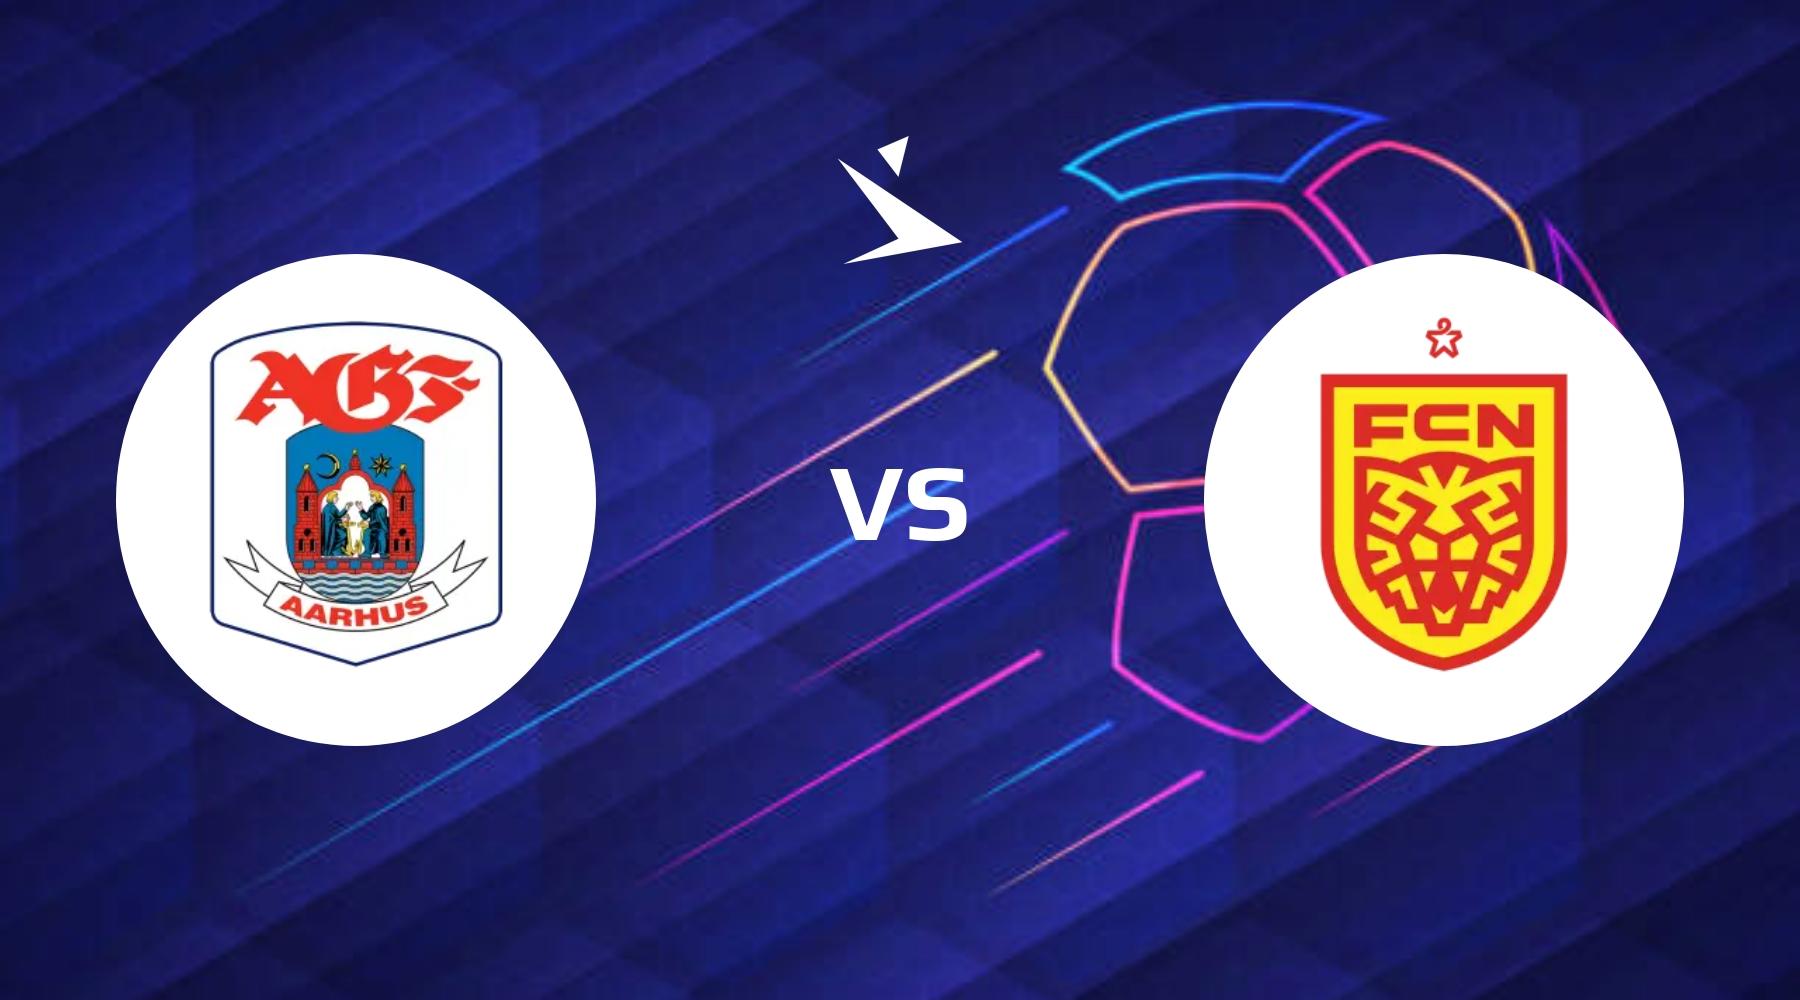 AGF på medaljejagt mod FC Nordsjællands måltyve